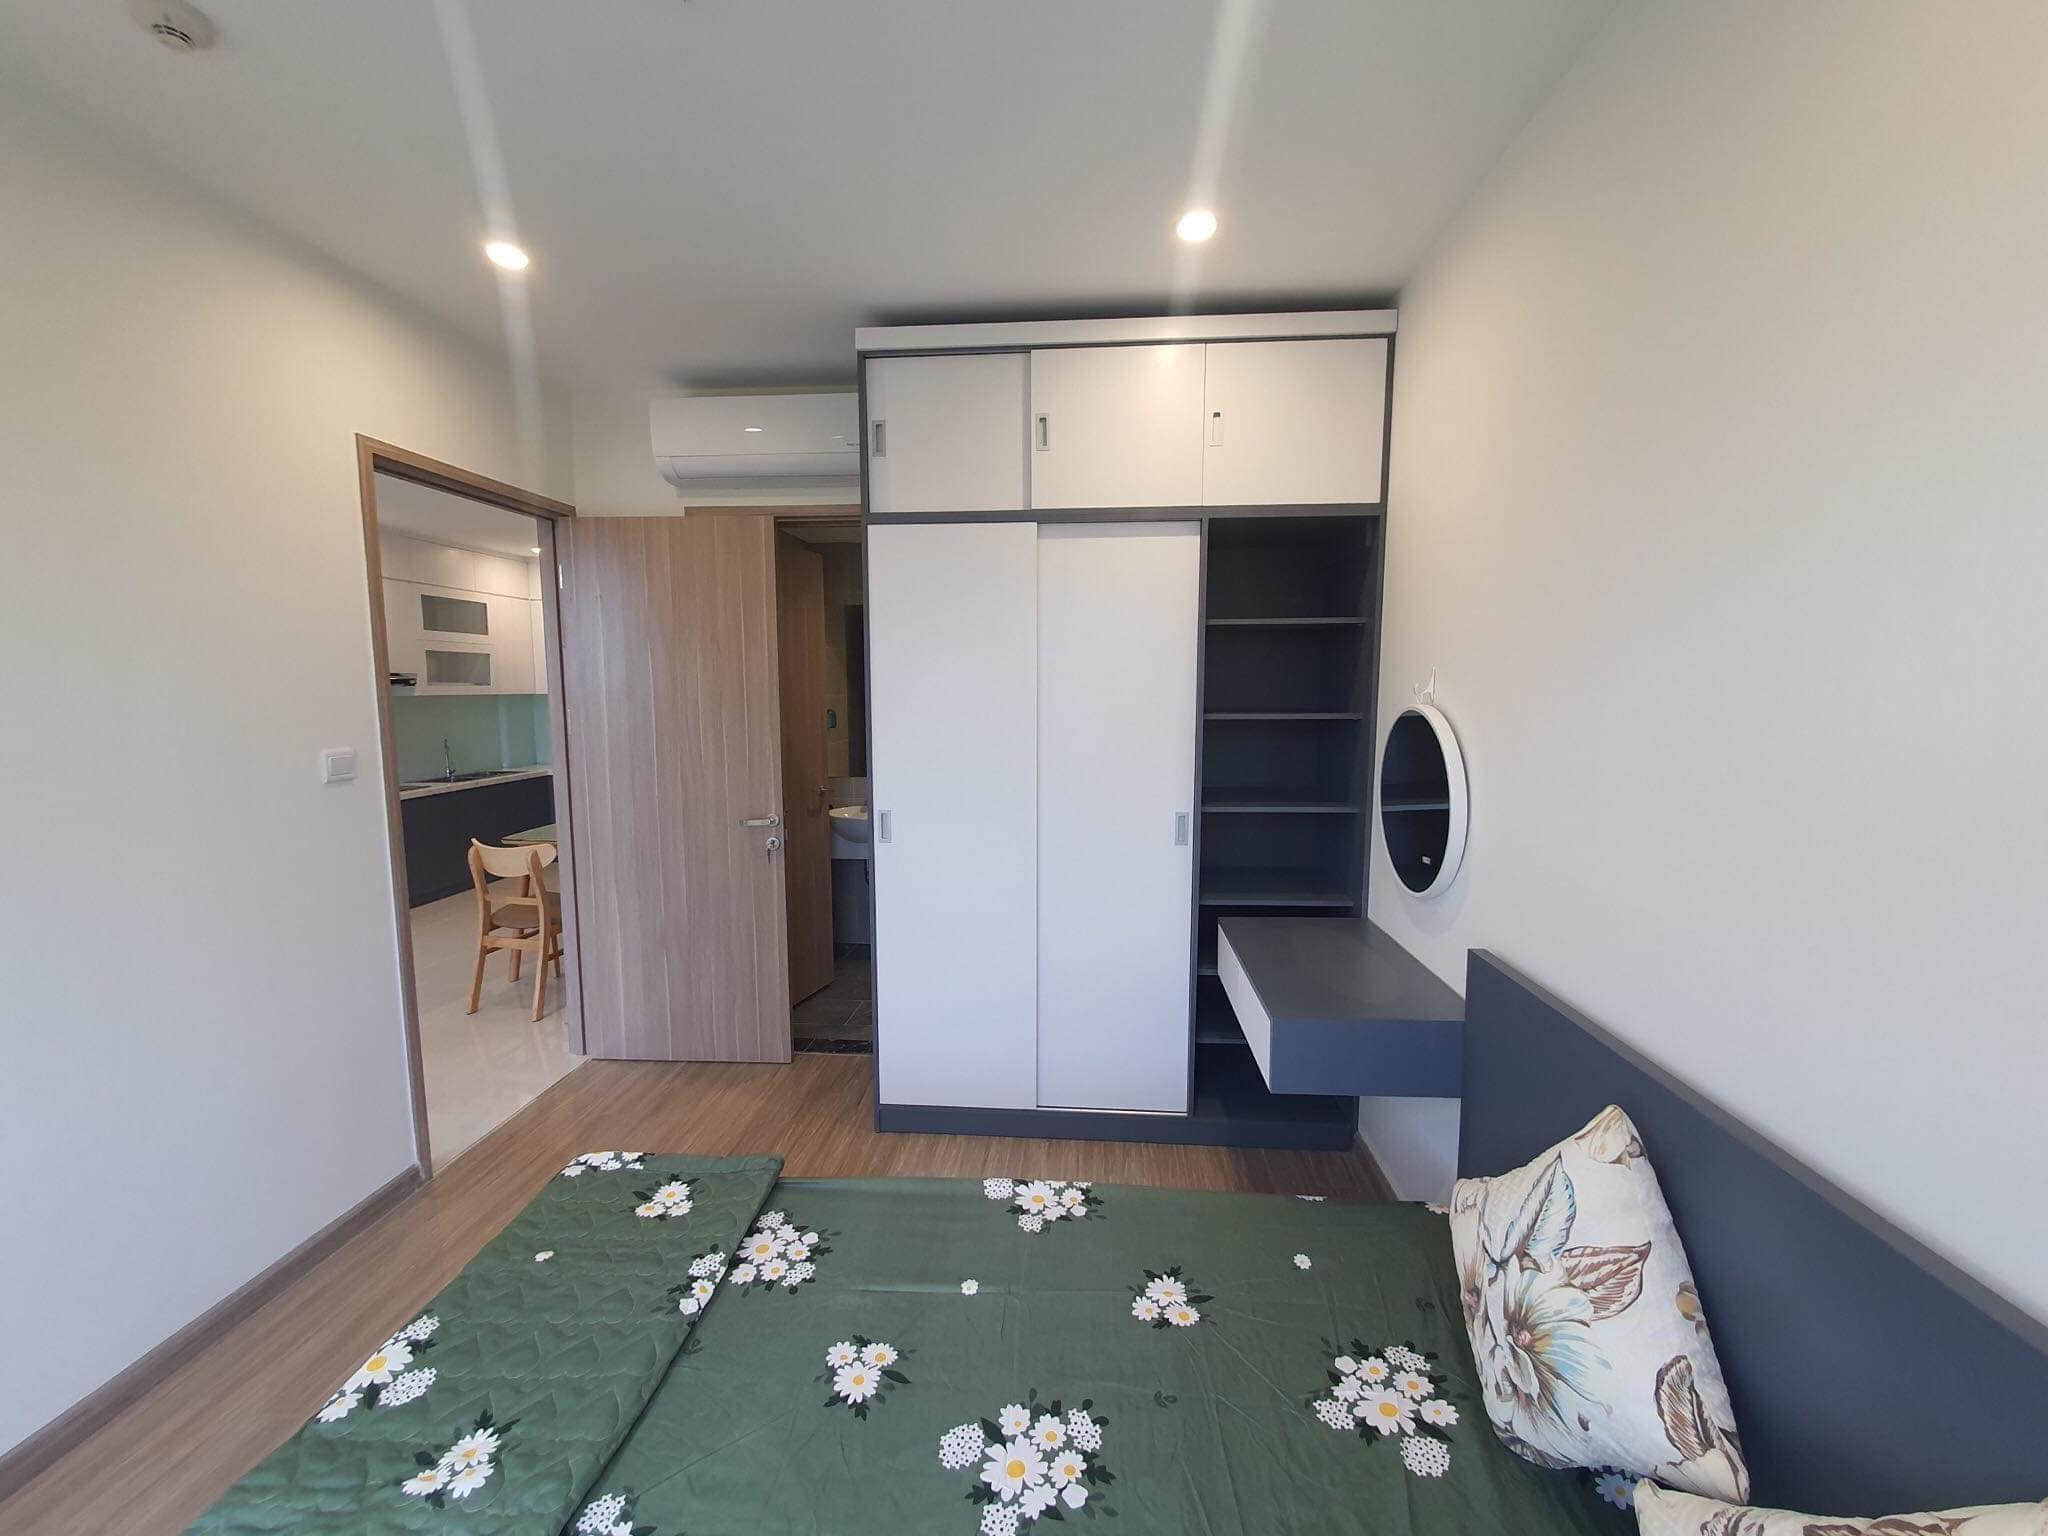 Căn hộ 2 phòng ngủ tầng 8 toà S1.06 đầy đủ nội thất giá 7,2tr/tháng 6